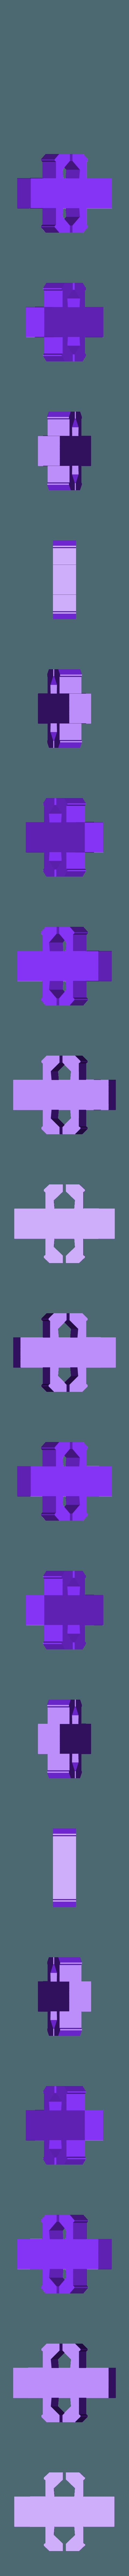 RR_link.stl Télécharger fichier STL La course à pied Rhino • Modèle à imprimer en 3D, Amao